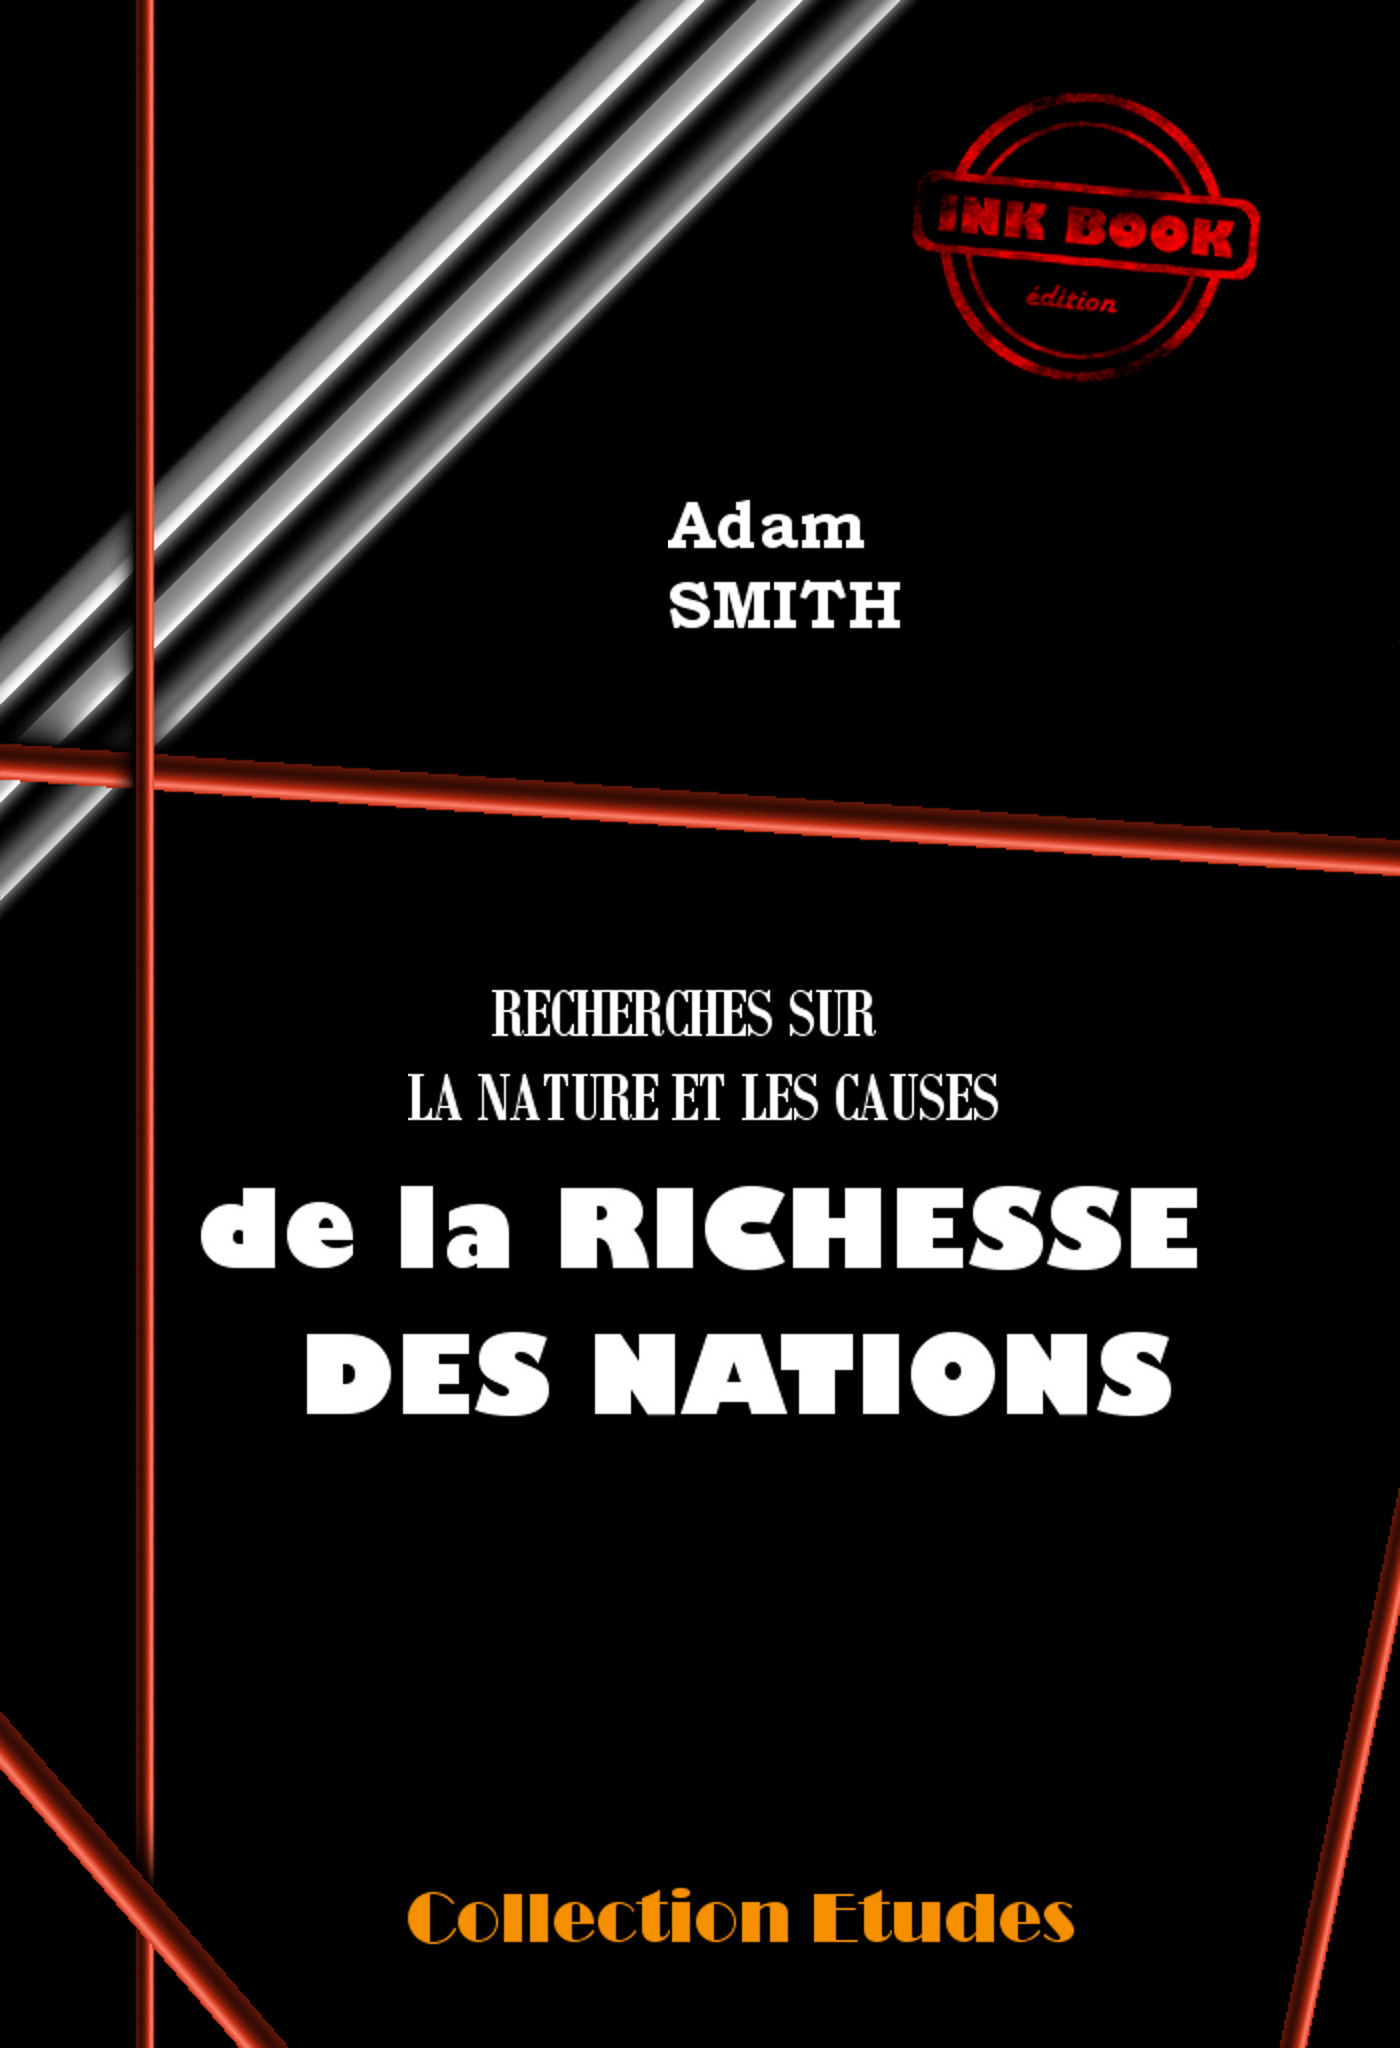 Recherches sur la nature et les causes de la richesses des nations